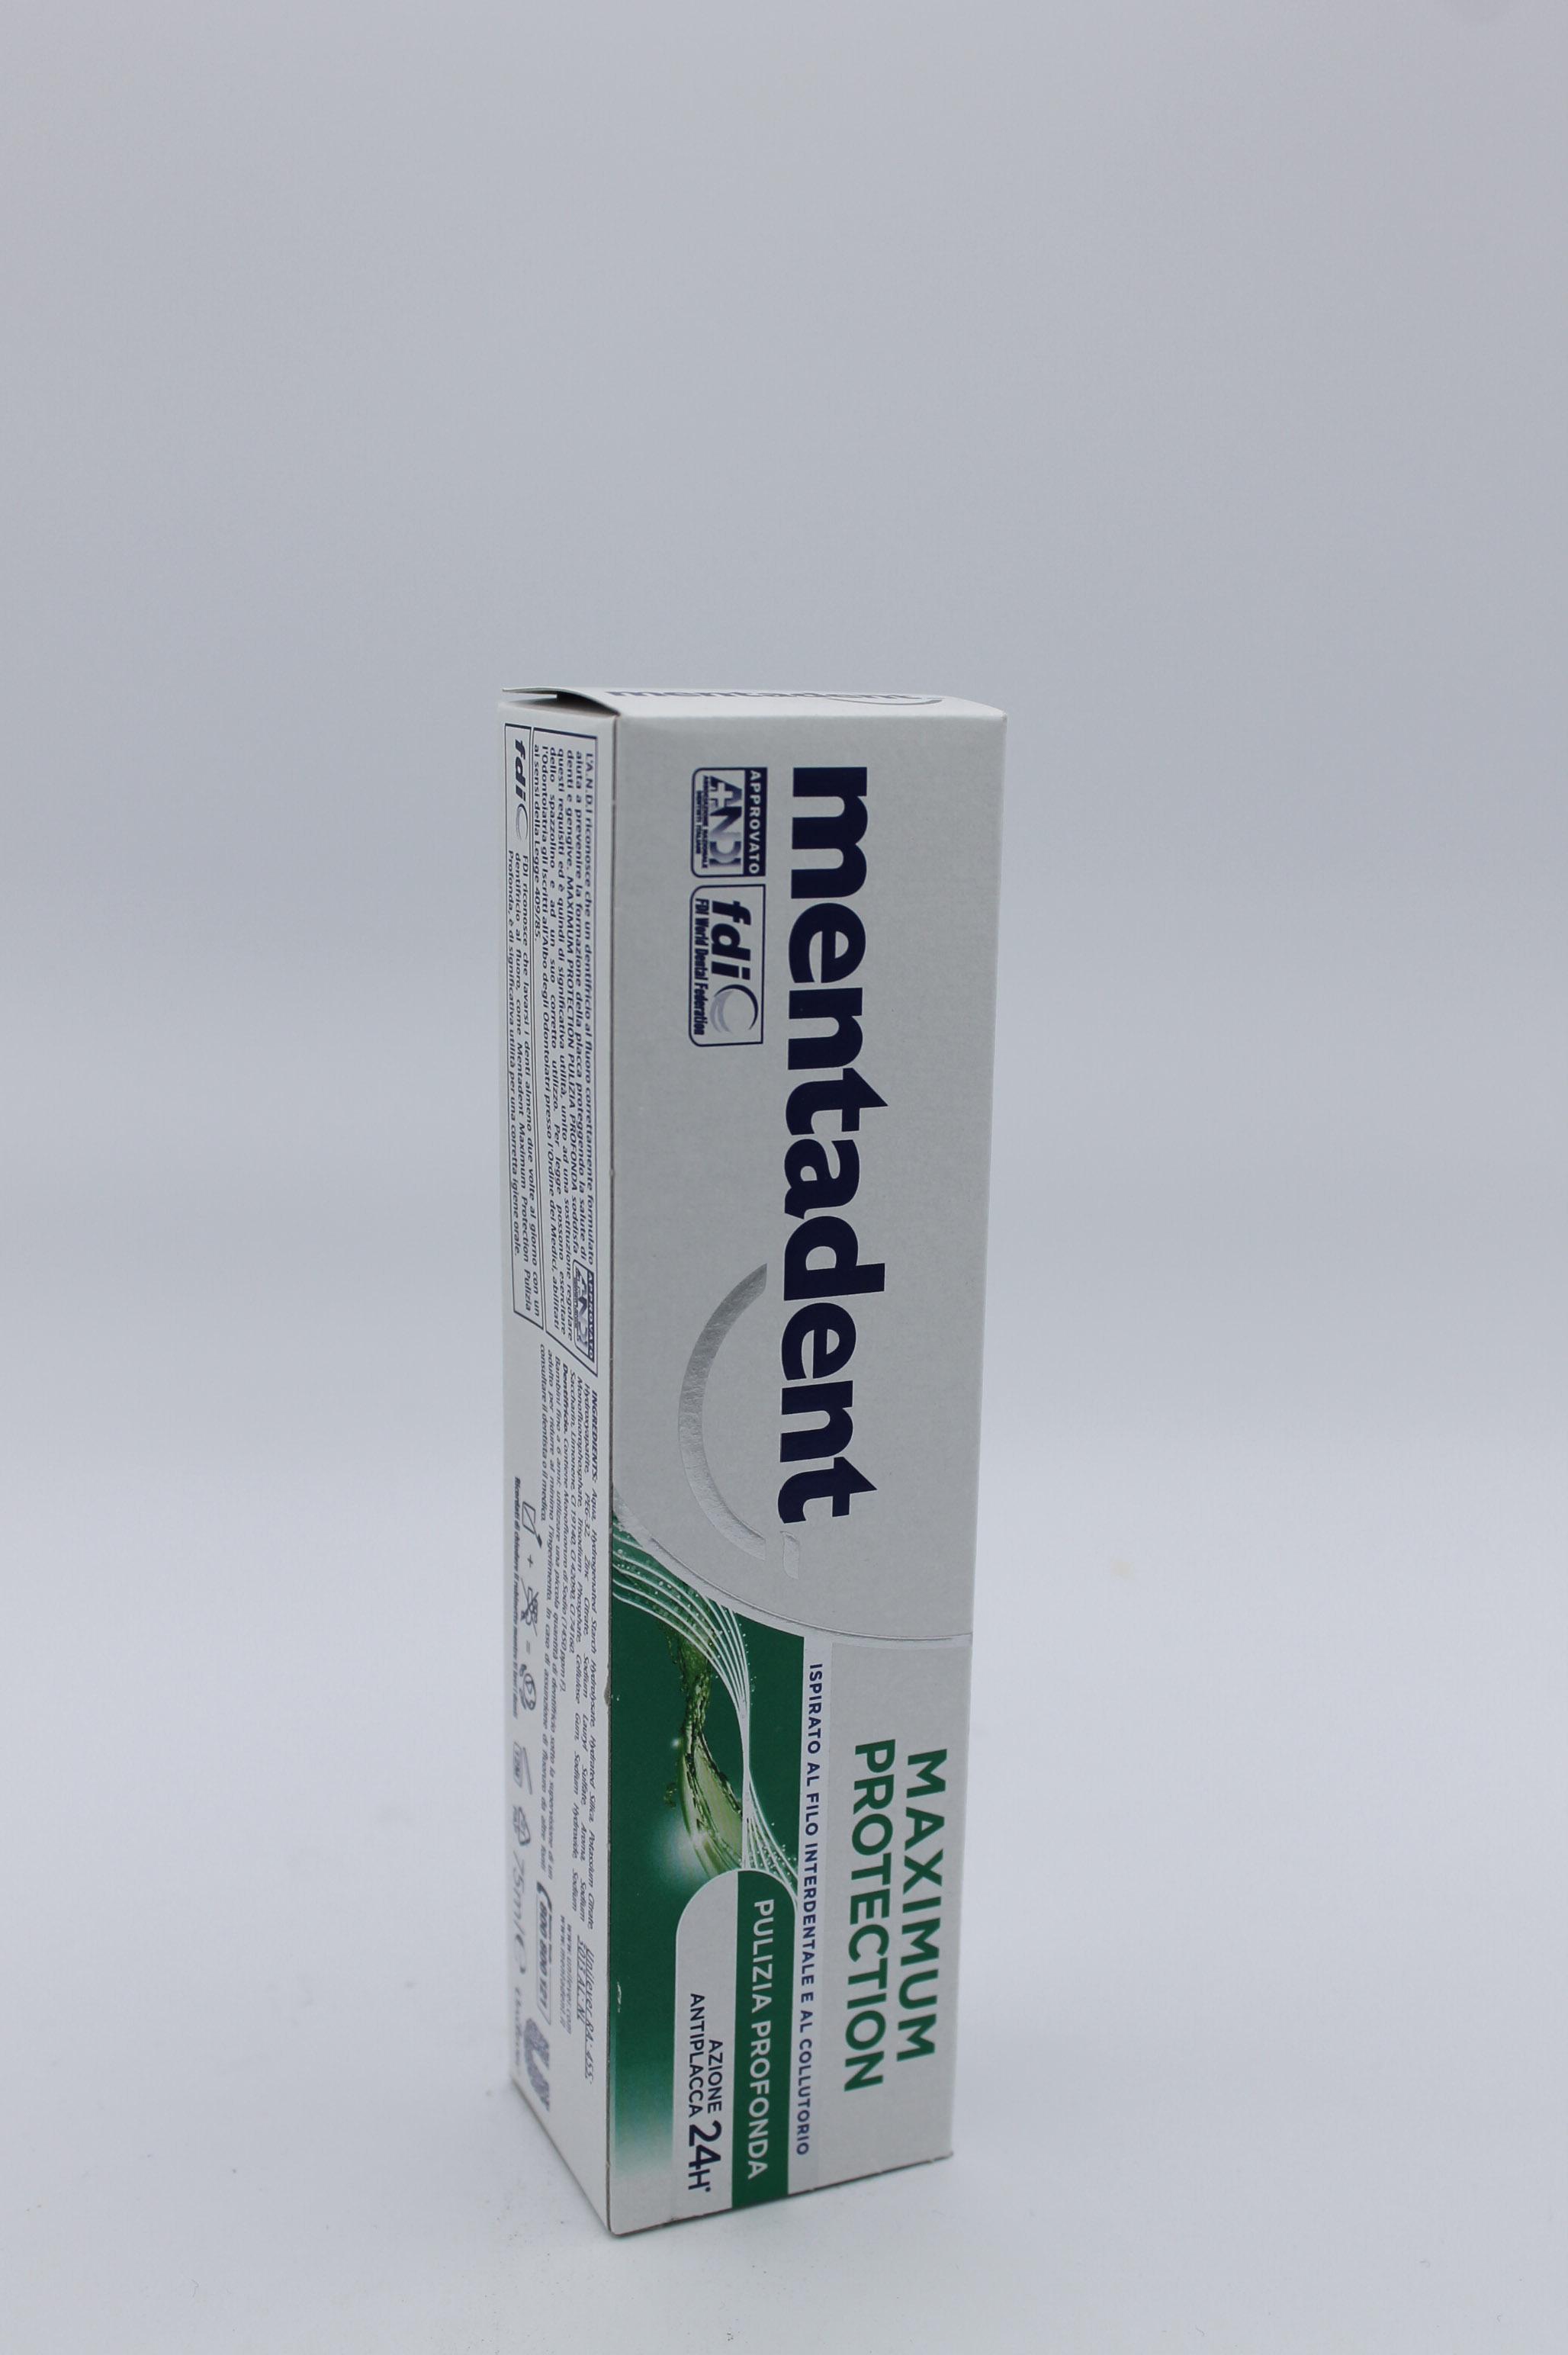 Mentadent dentifricio 75ml vari tipi.